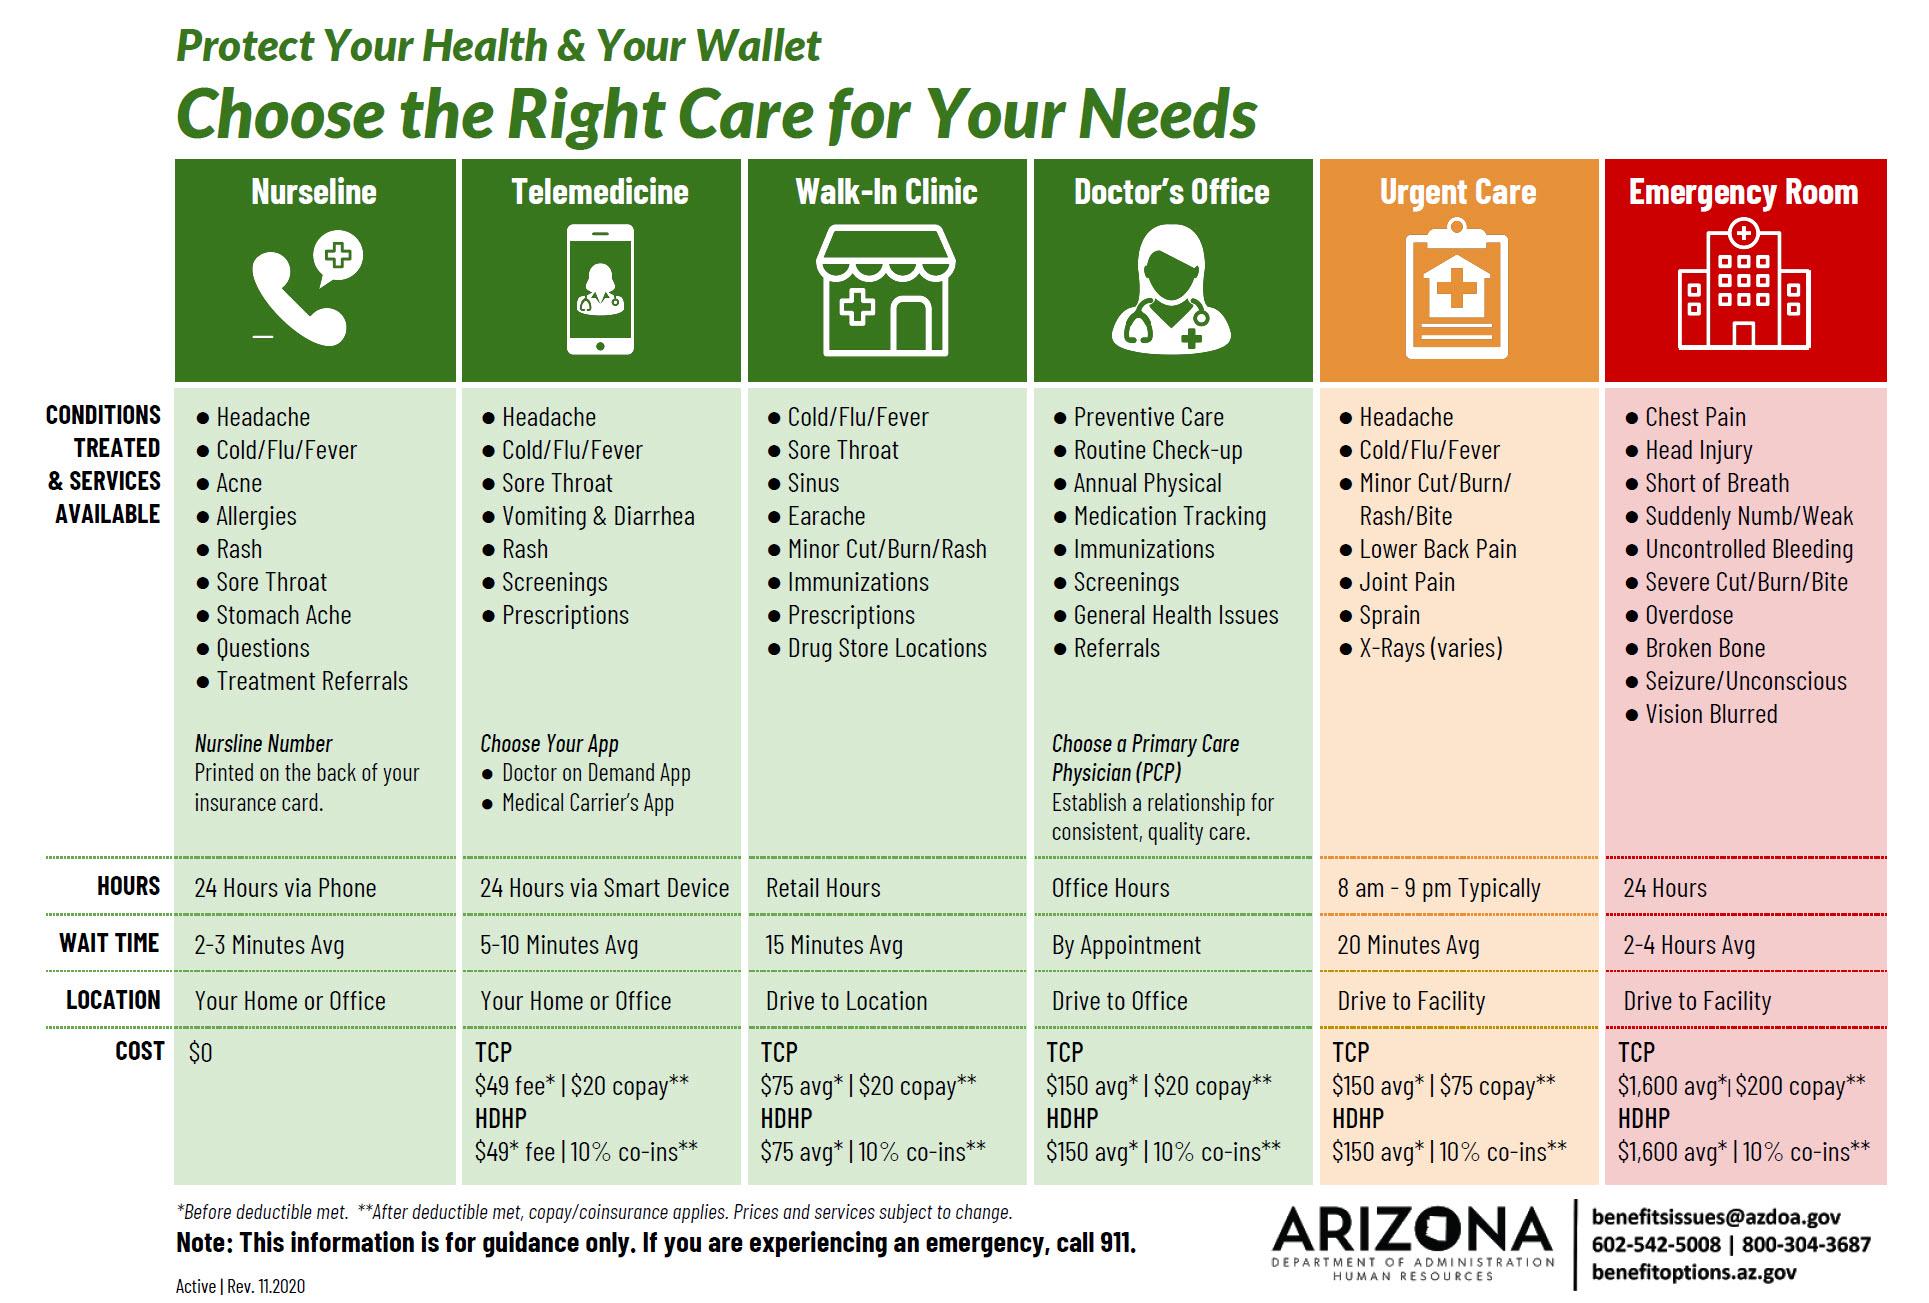 Choosing Care Grid